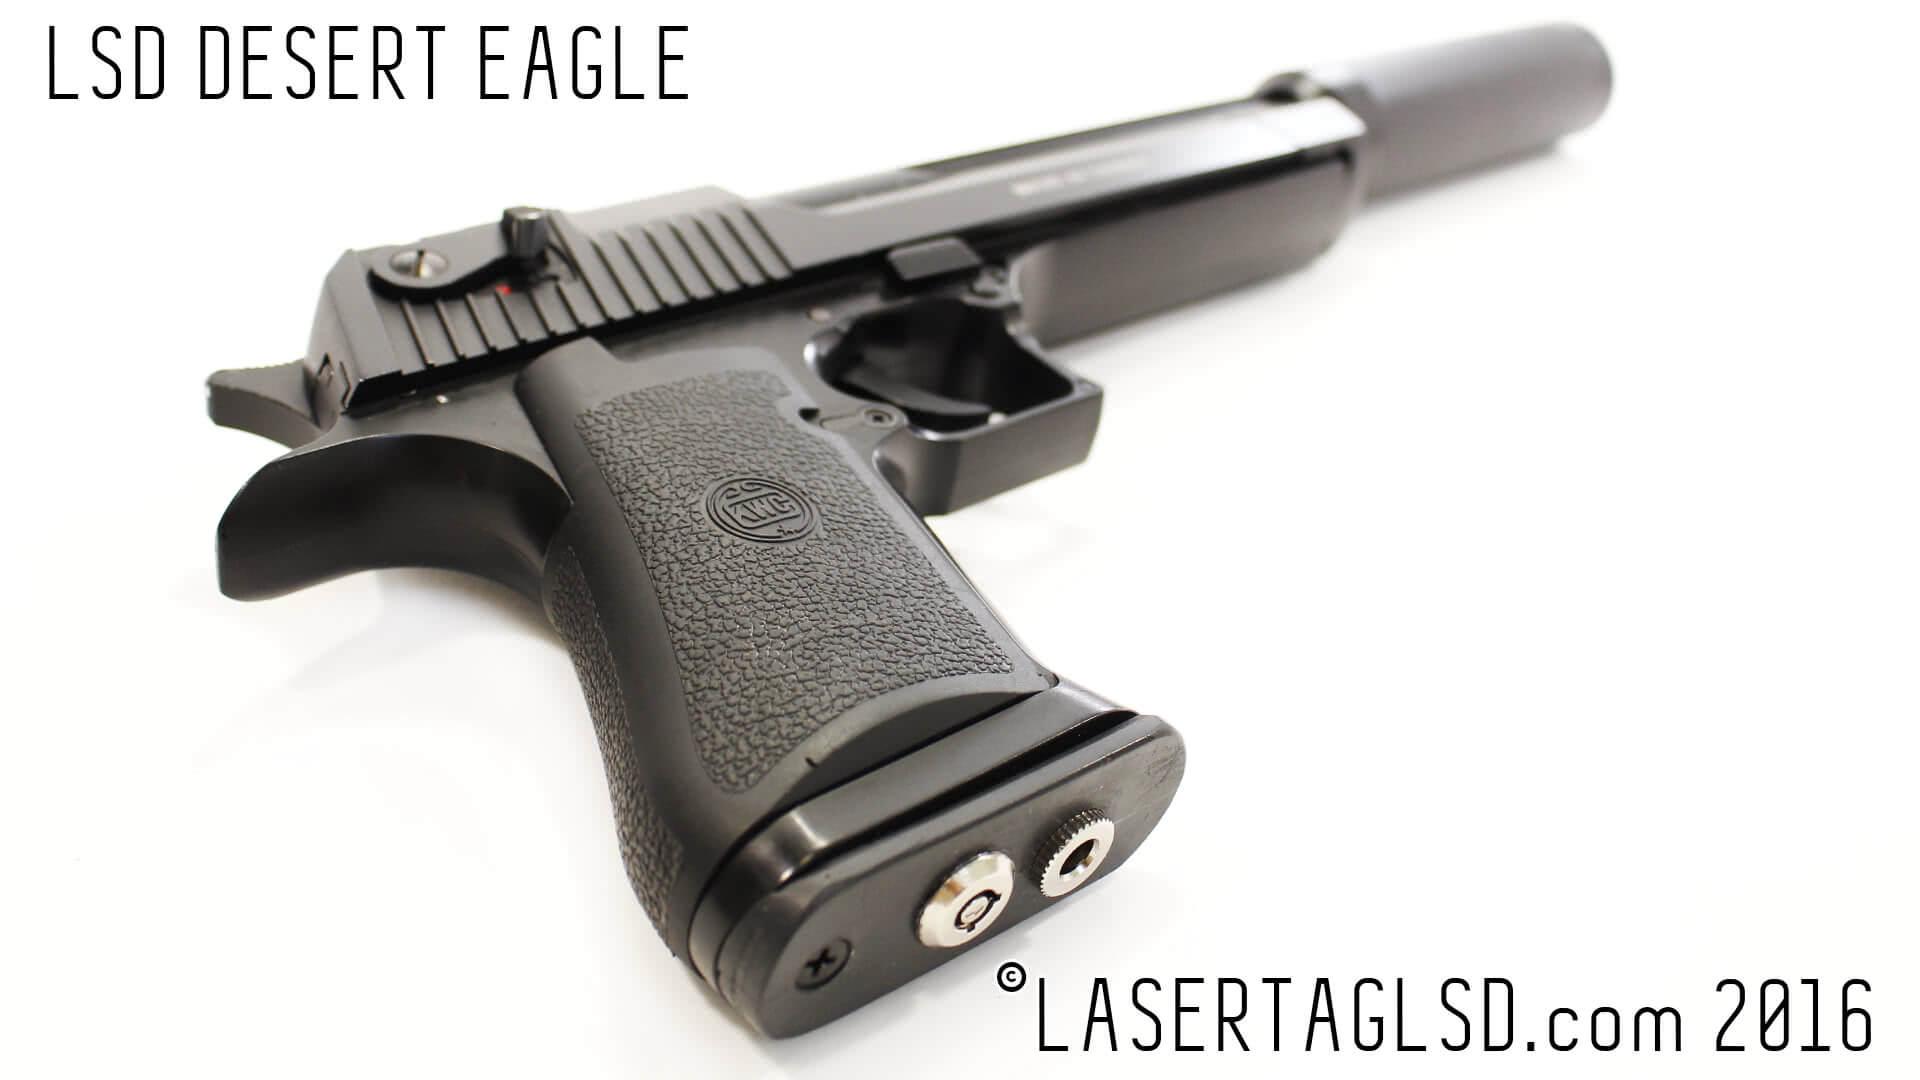 LSD Desert Eagle